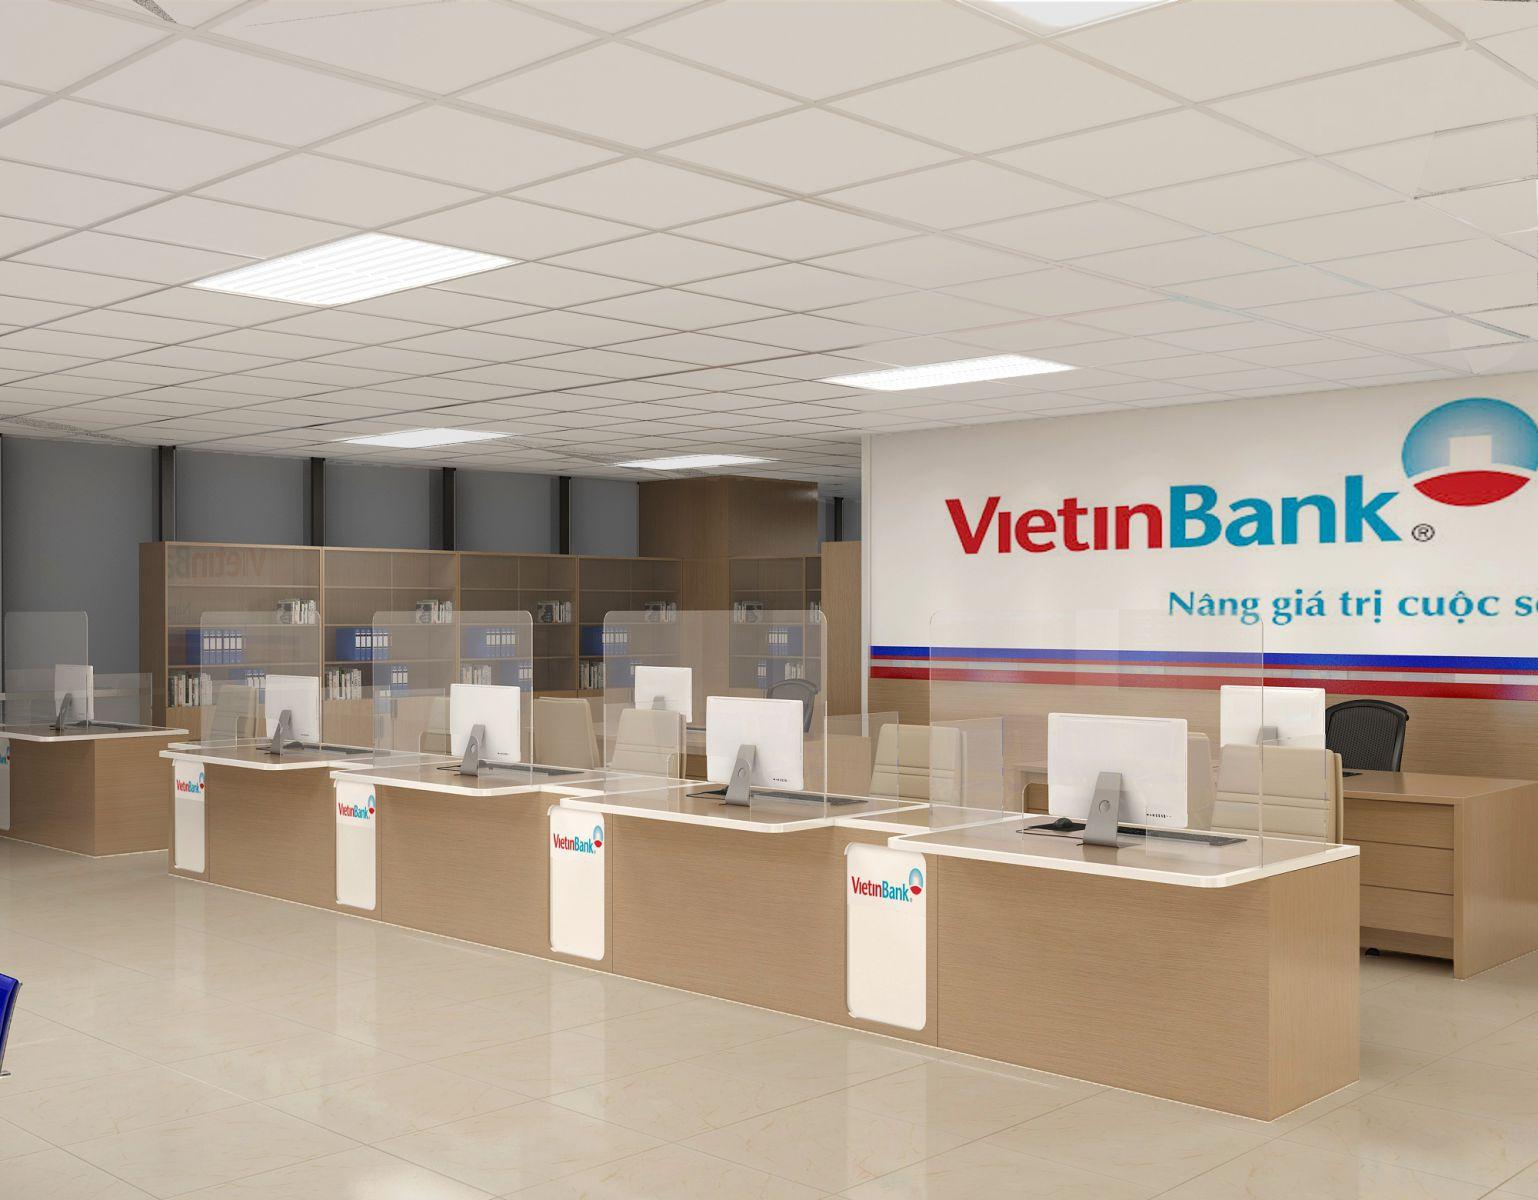 Văn Phòng Chứng Khoán Ngân Hàng Vietinbank Đà Nẵng